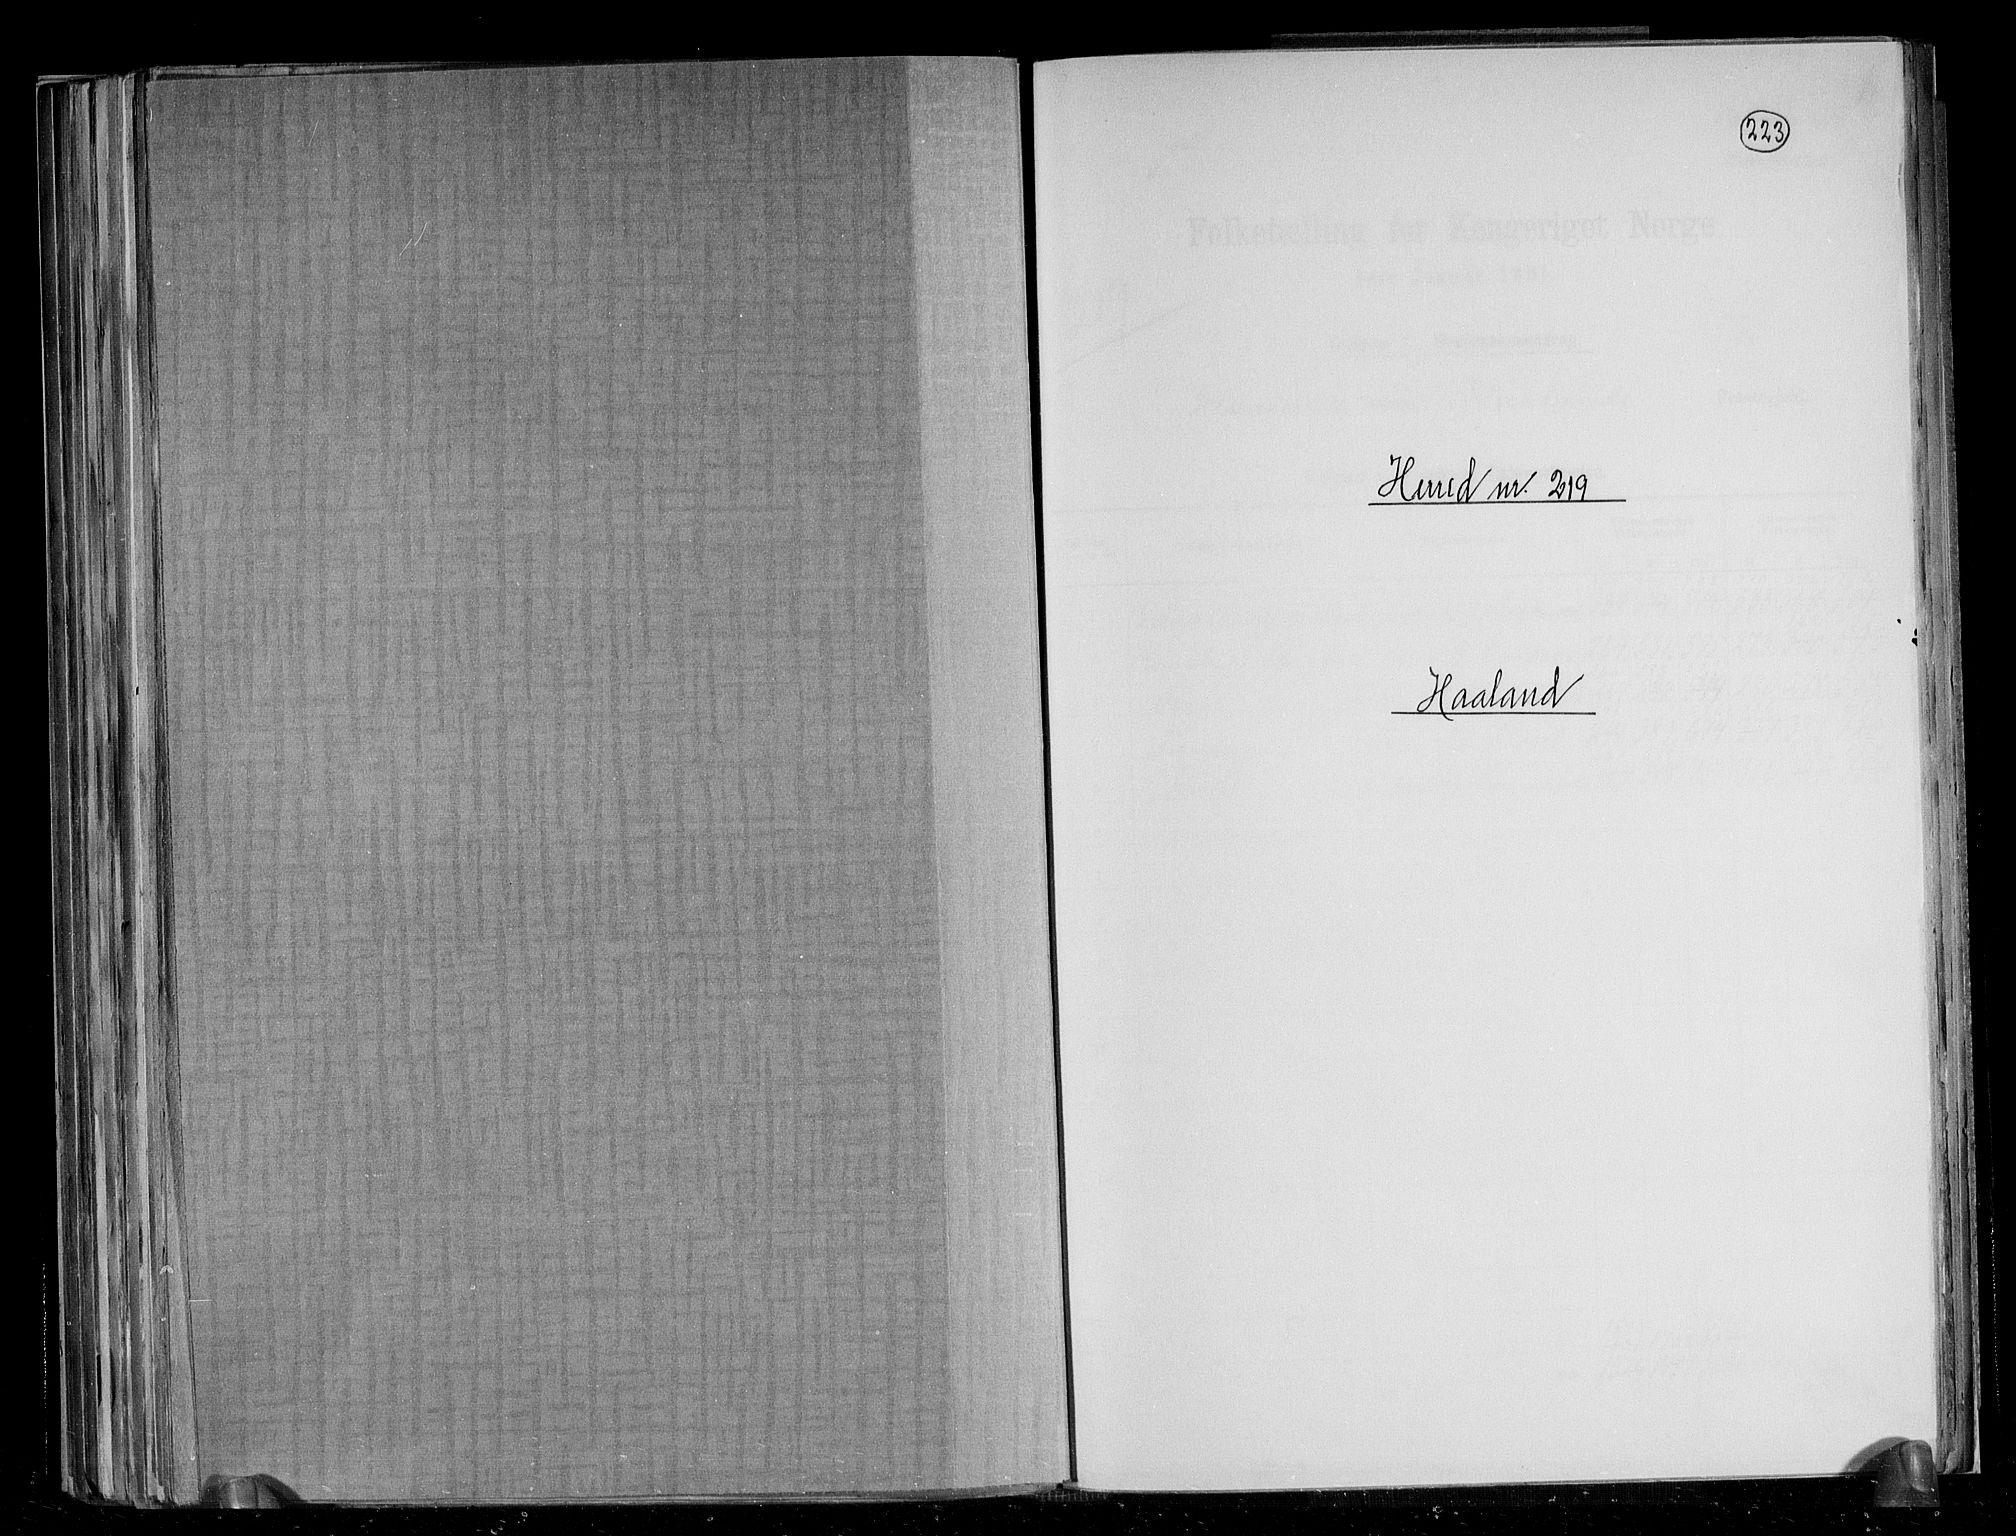 RA, Folketelling 1891 for 1124 Haaland herred, 1891, s. 1